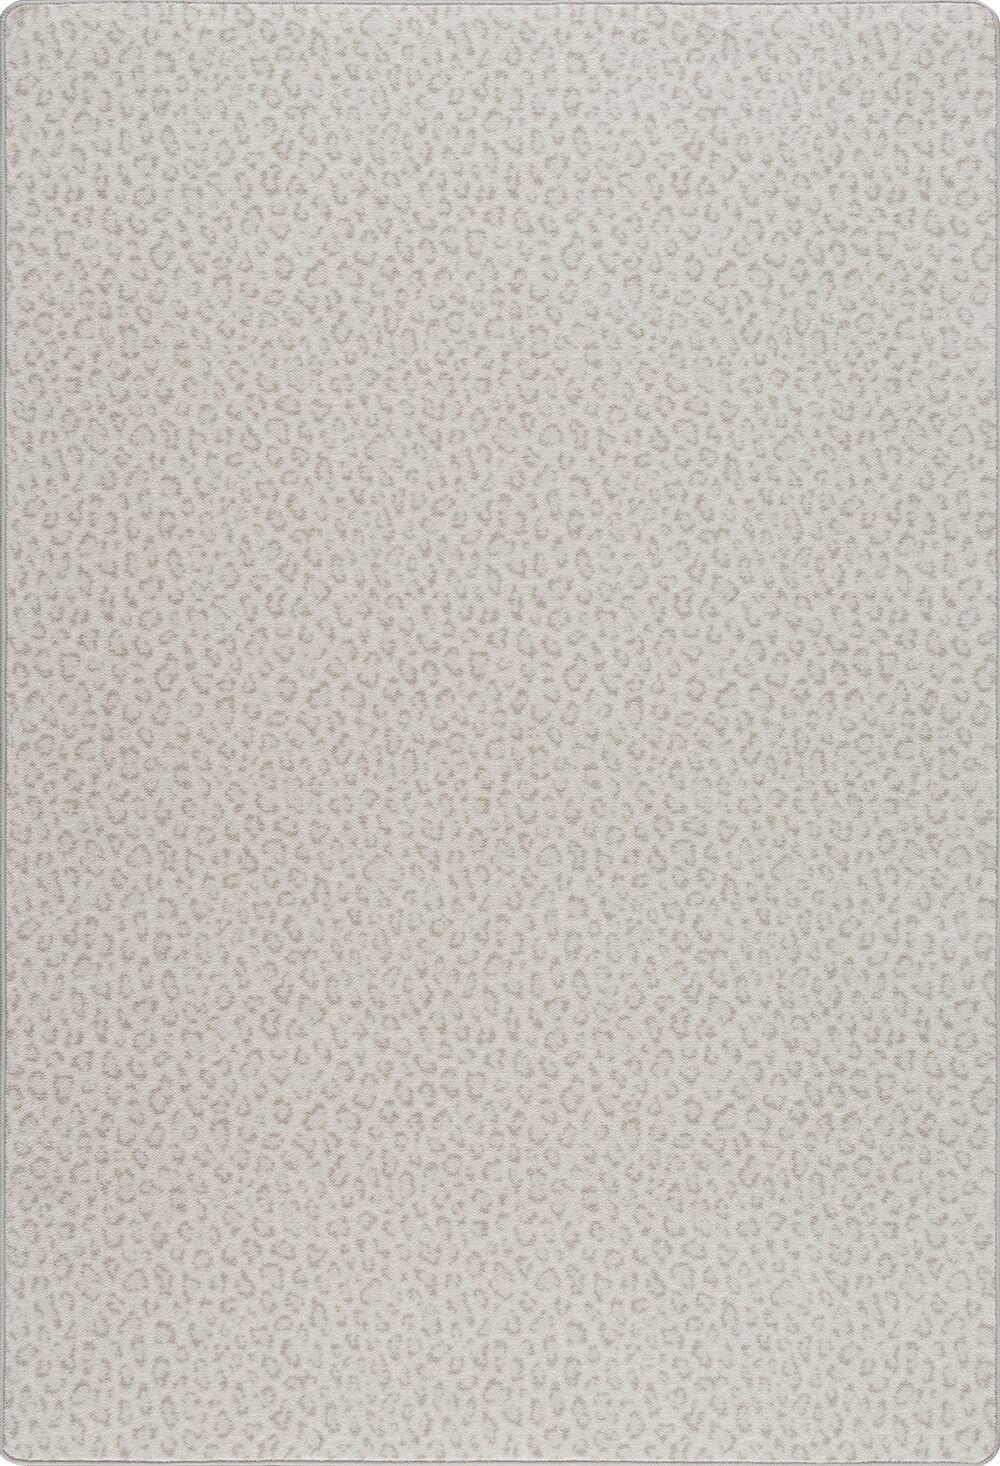 Sasheer Gray Area Rug Rug Size: Rectangle 7'8